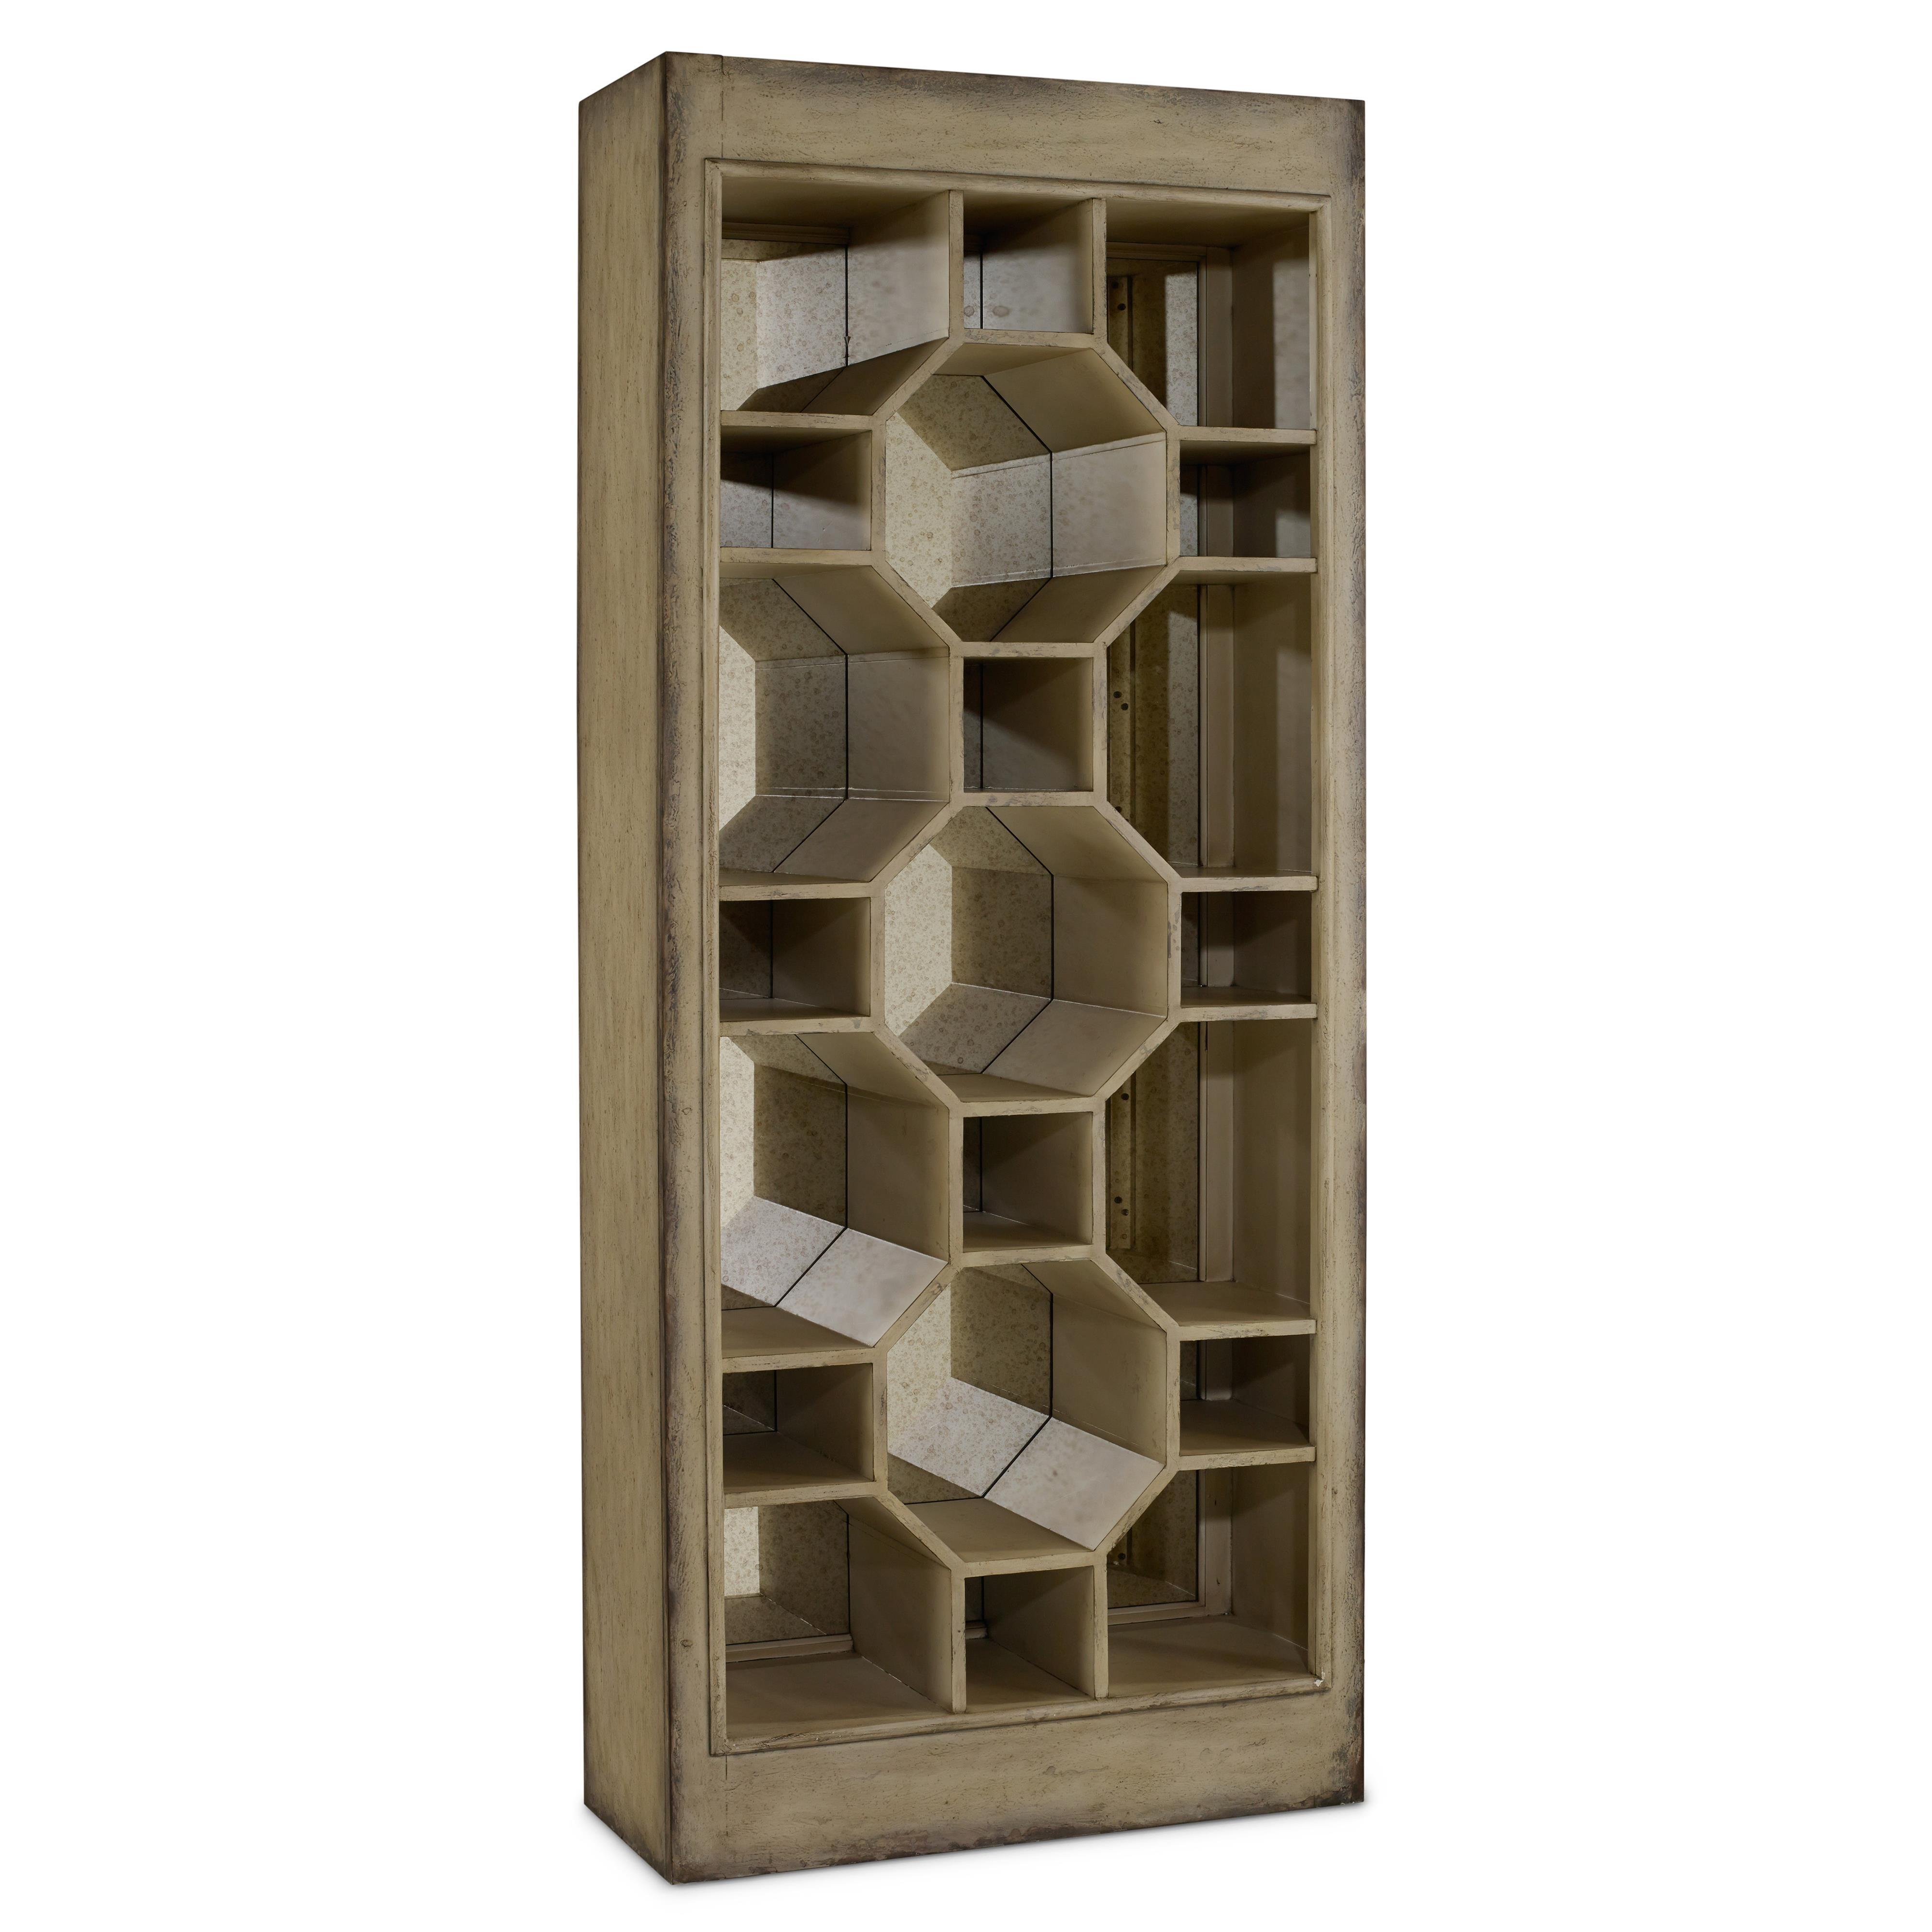 Hooker Furniture Mélange Show-Off Display Cabinet - Item Number: 638-50130